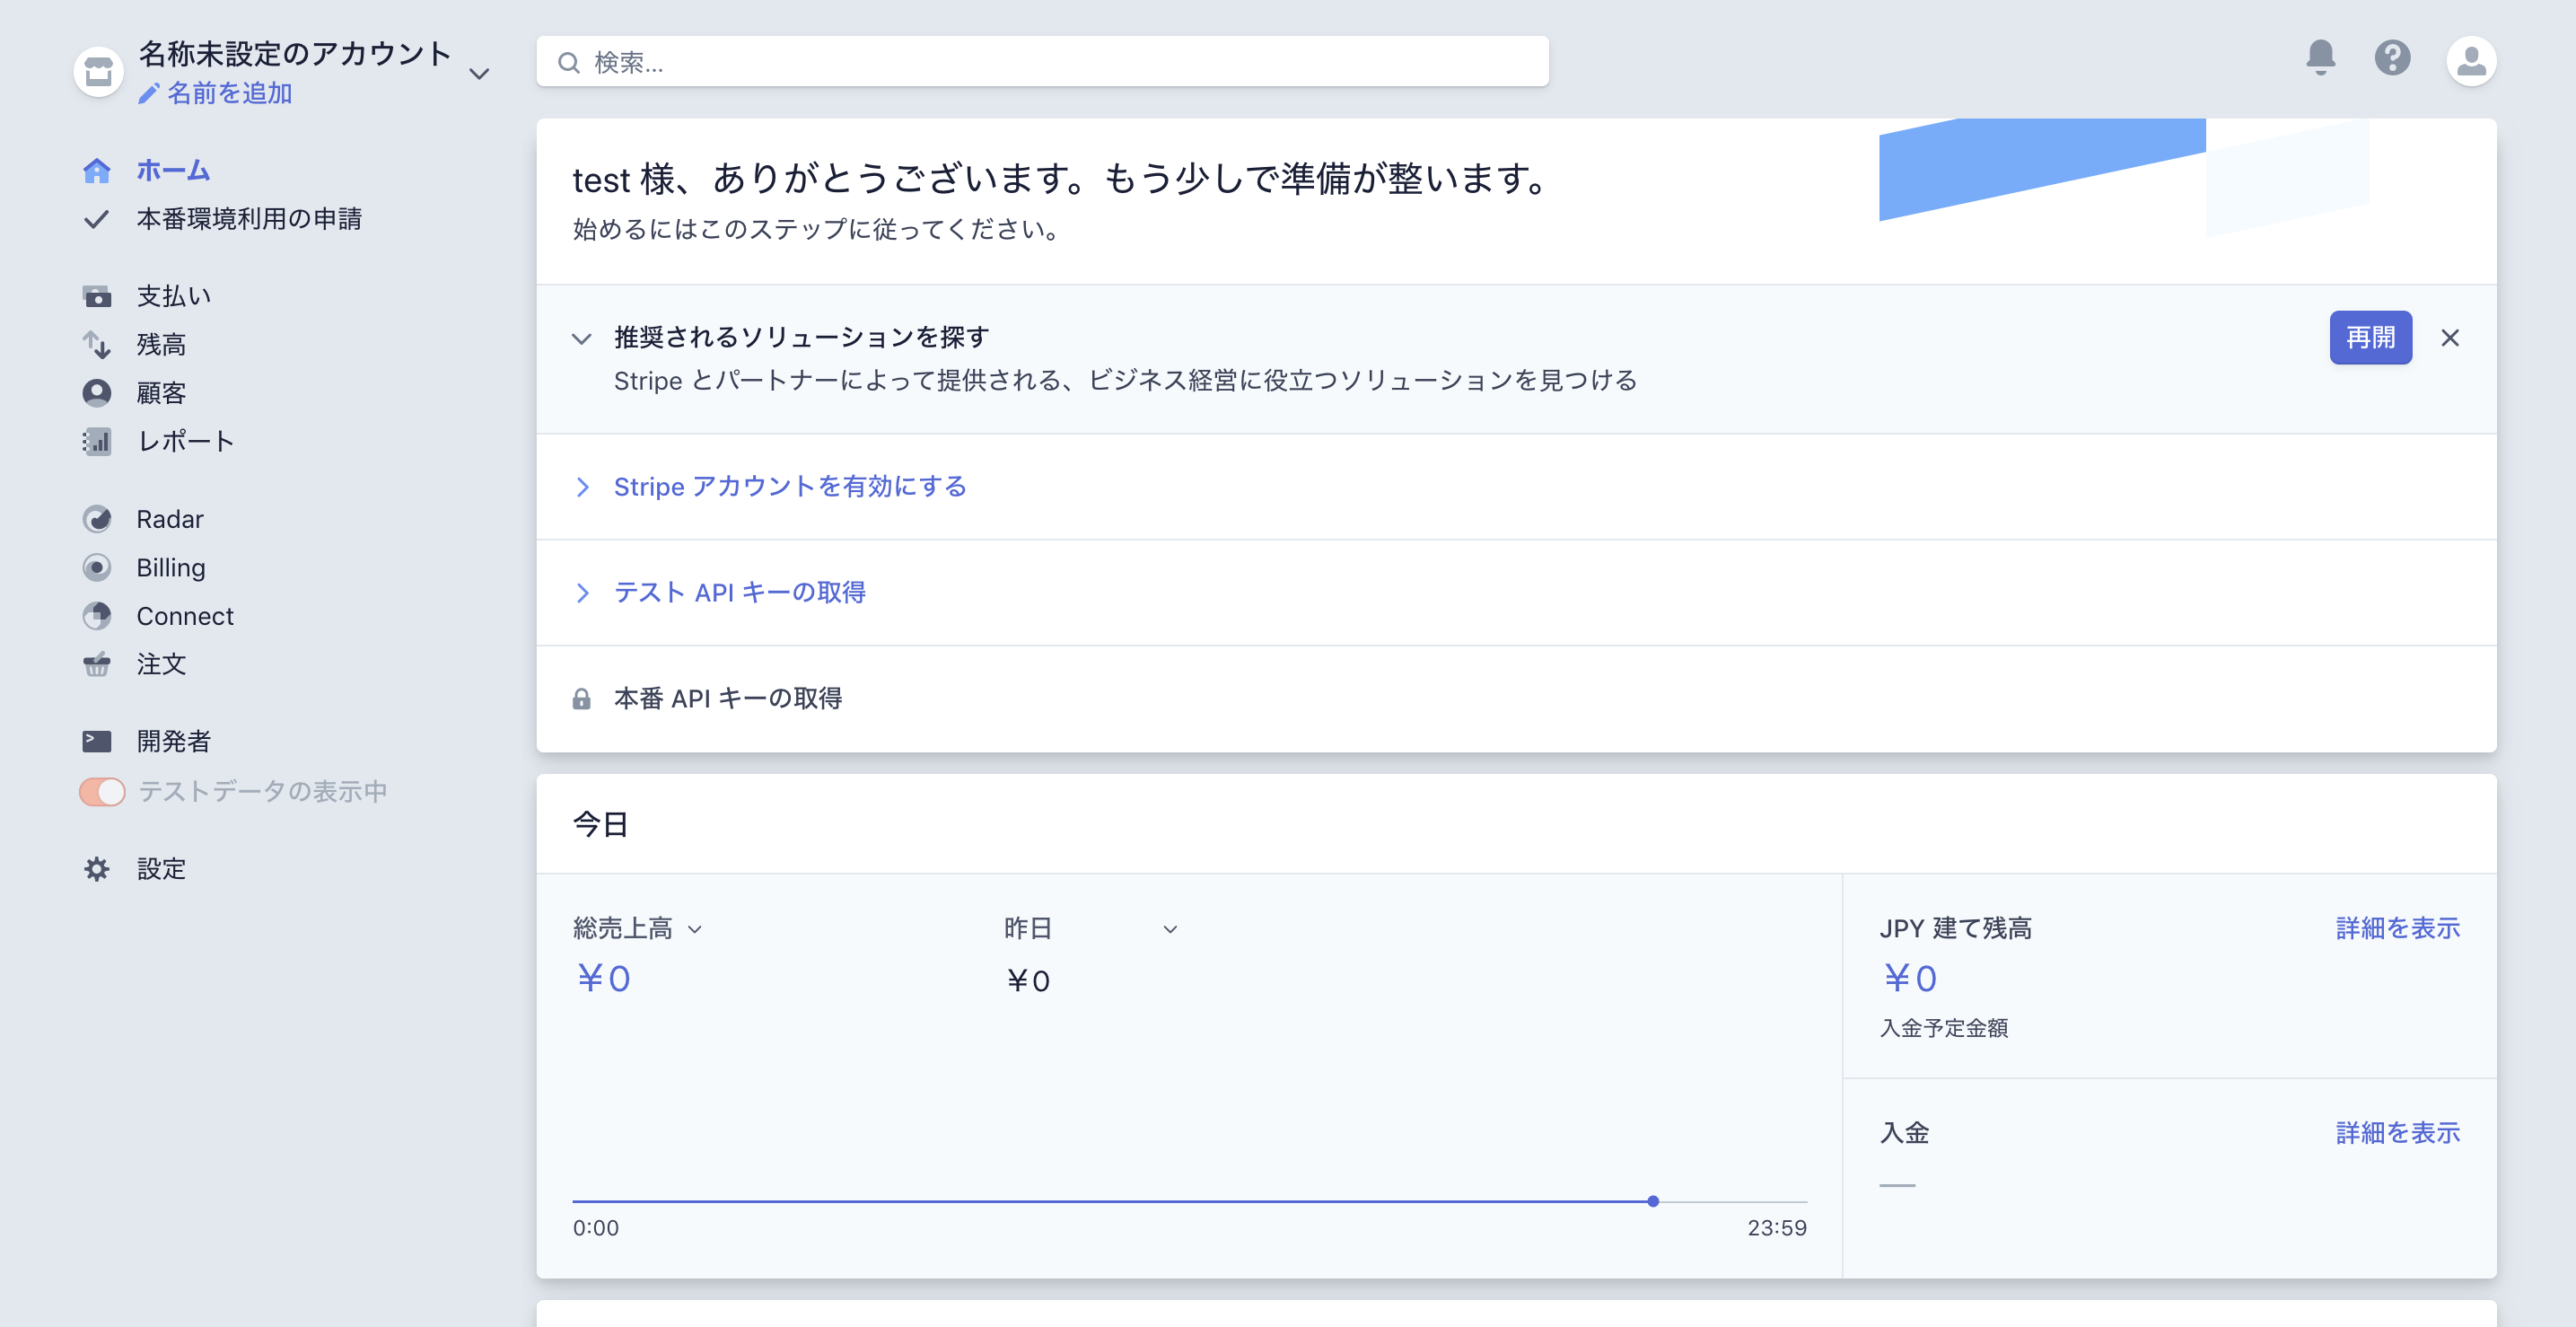 スクリーンショット 2020-01-15 20.34.07.png